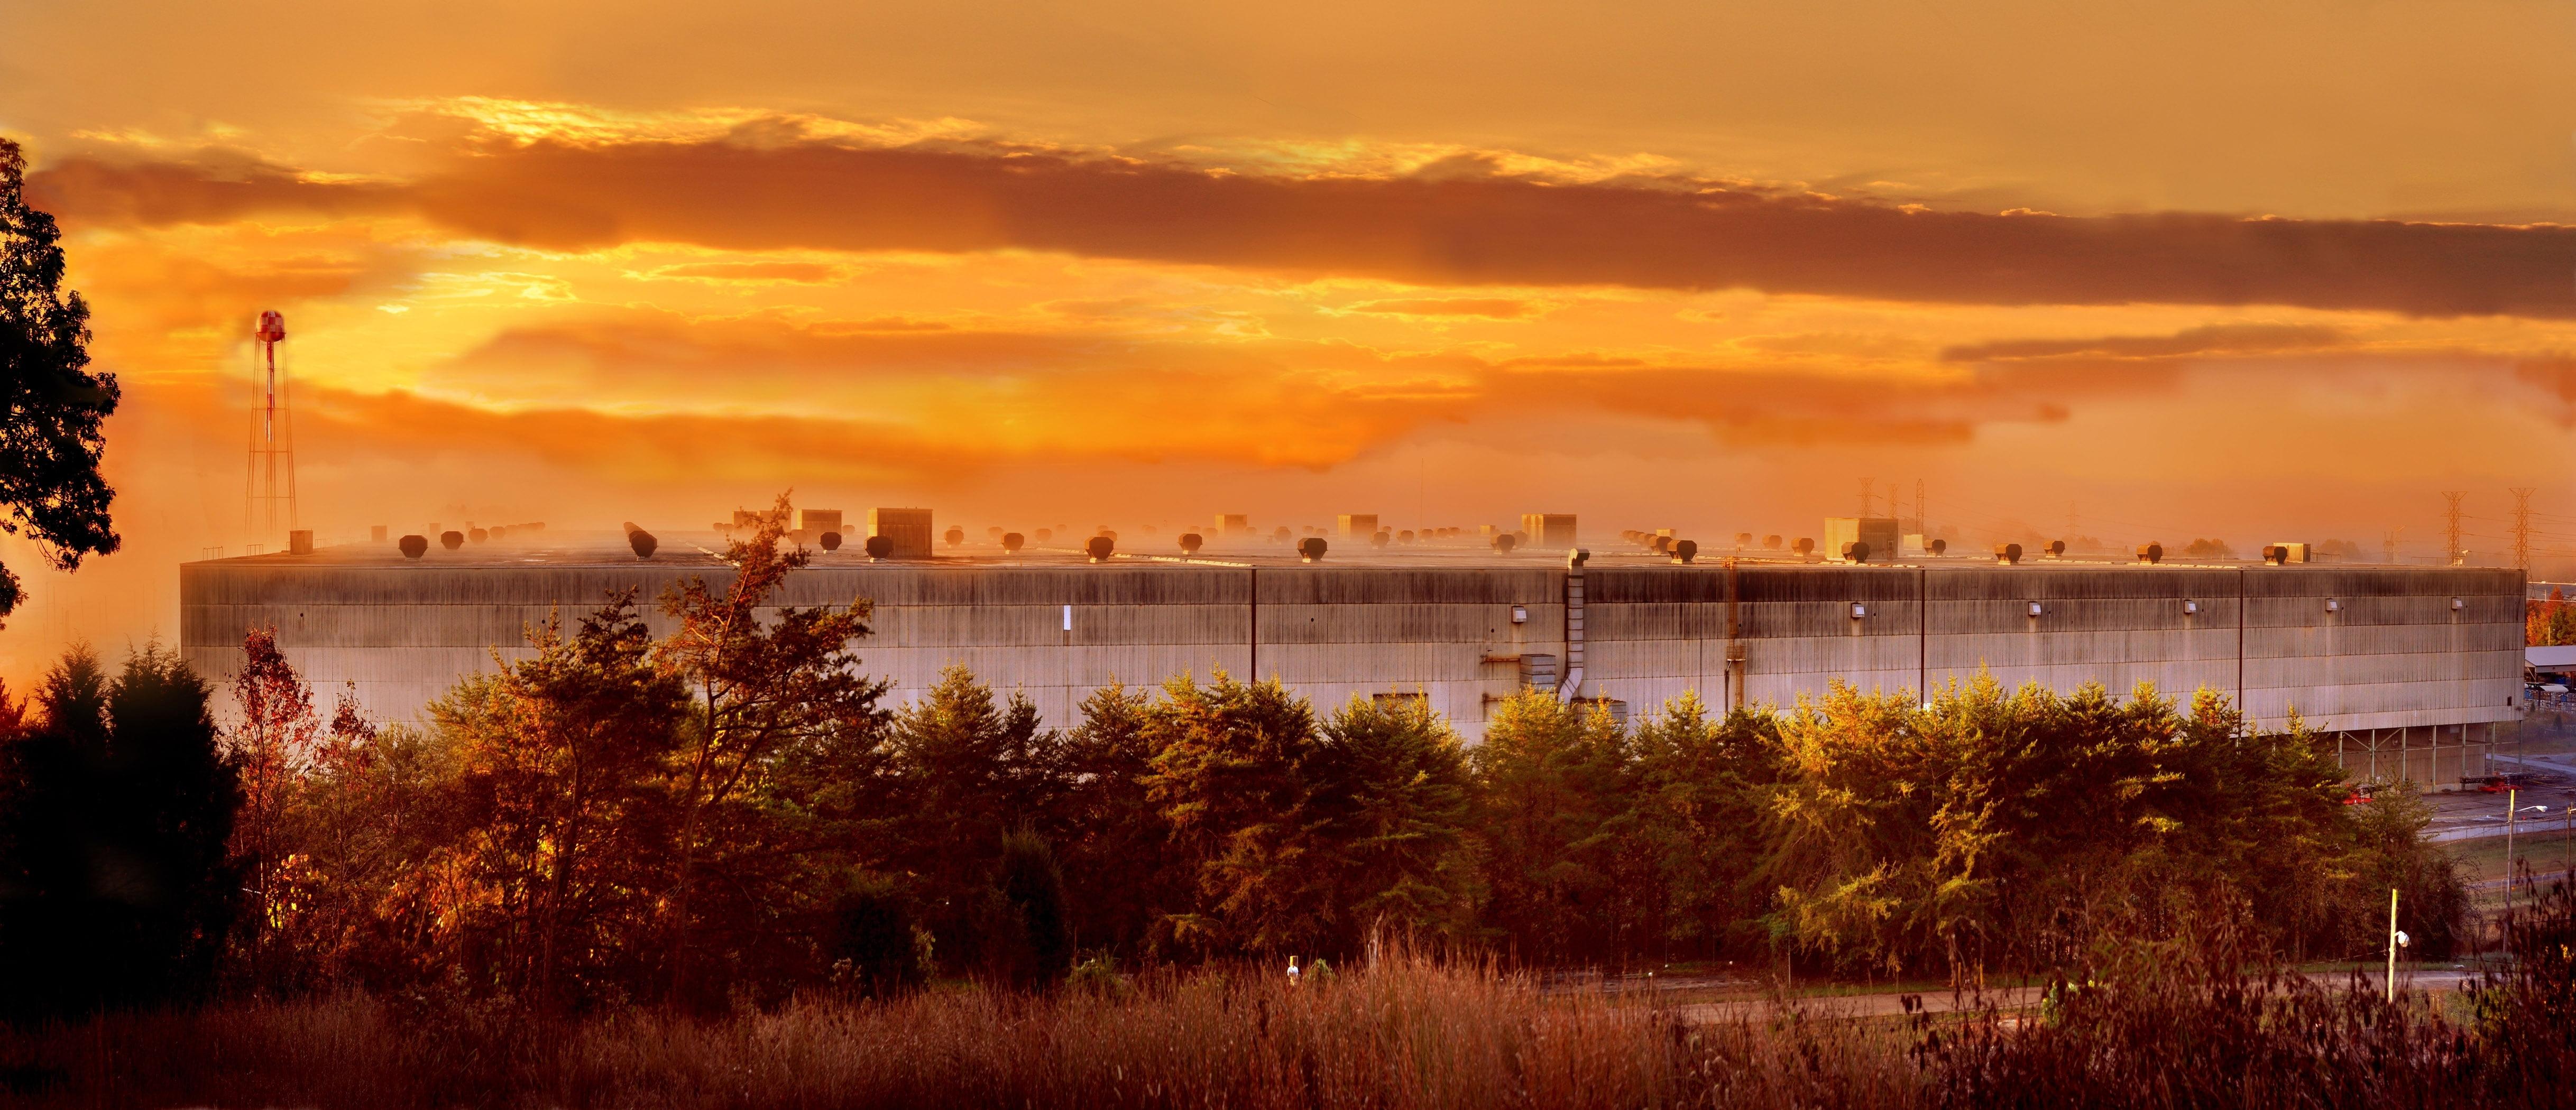 Красивое фото промышленного здания предприятия